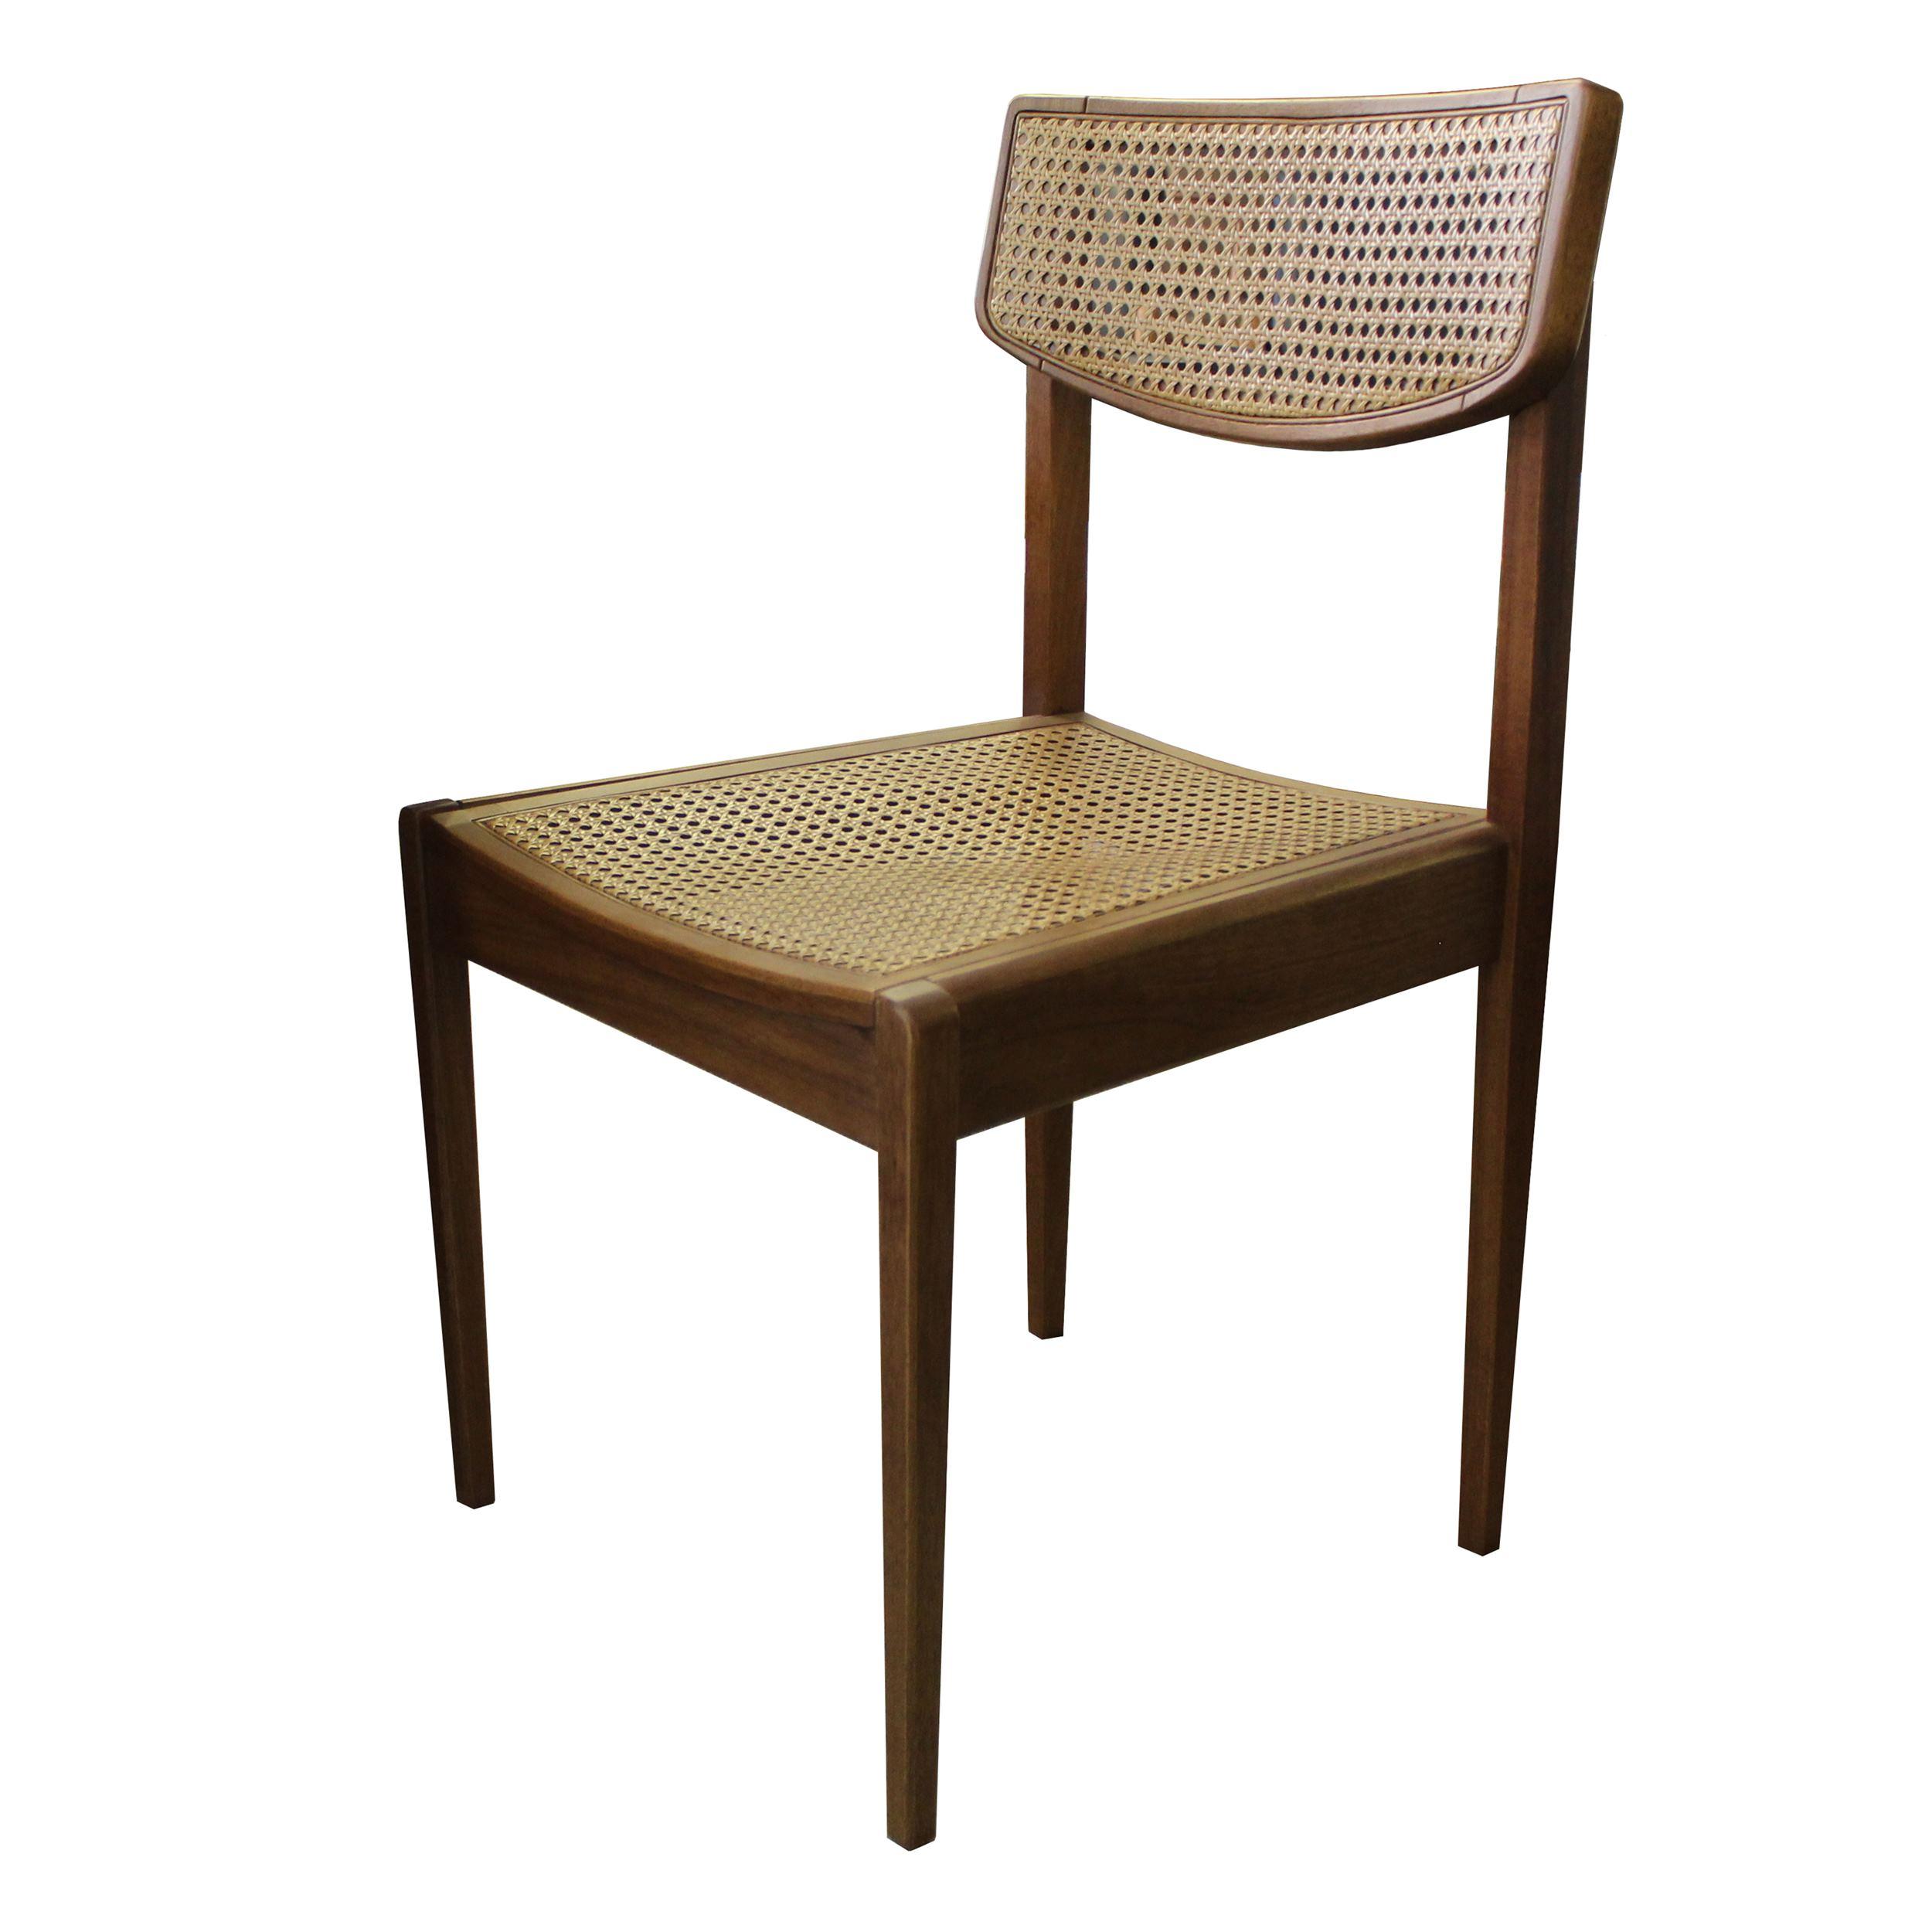 Cadeira Vereda em Madeira Tauari com Assento e Encosto em Palha Sextavada cor Mascavo - 50452